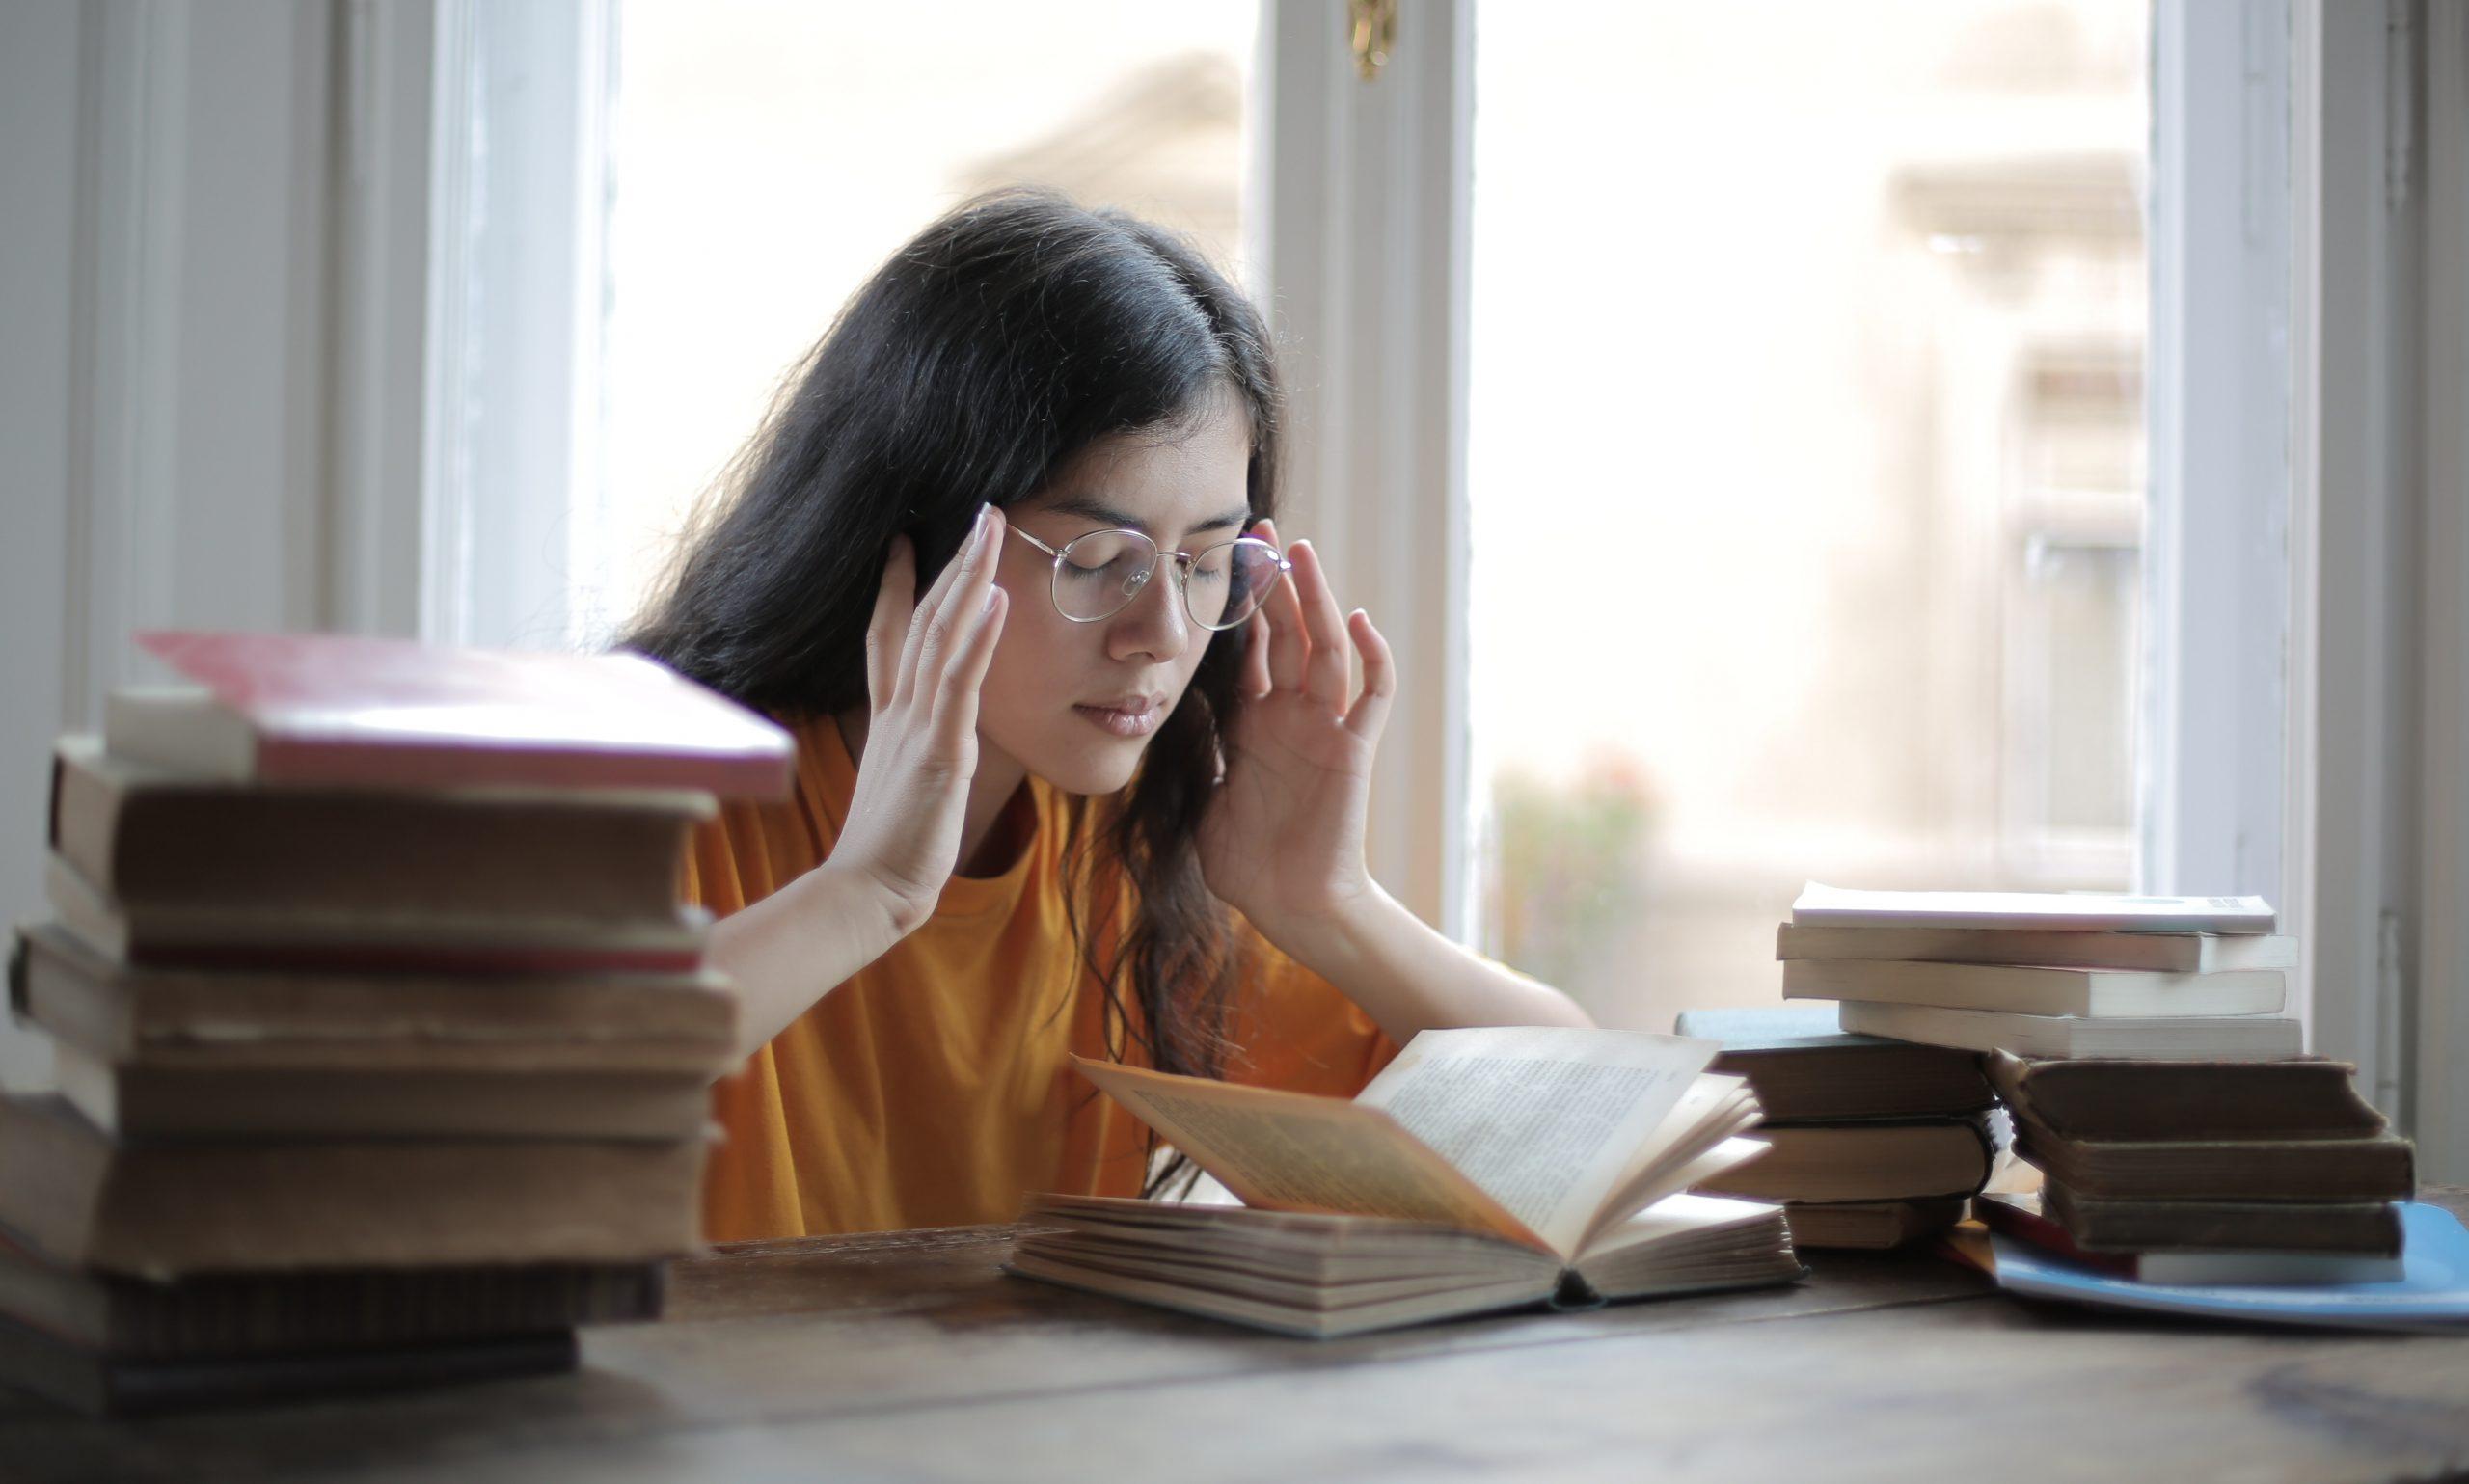 Mulher sentada em uma mesa. Livros sobre a mesa. A mulher está tentando focar.